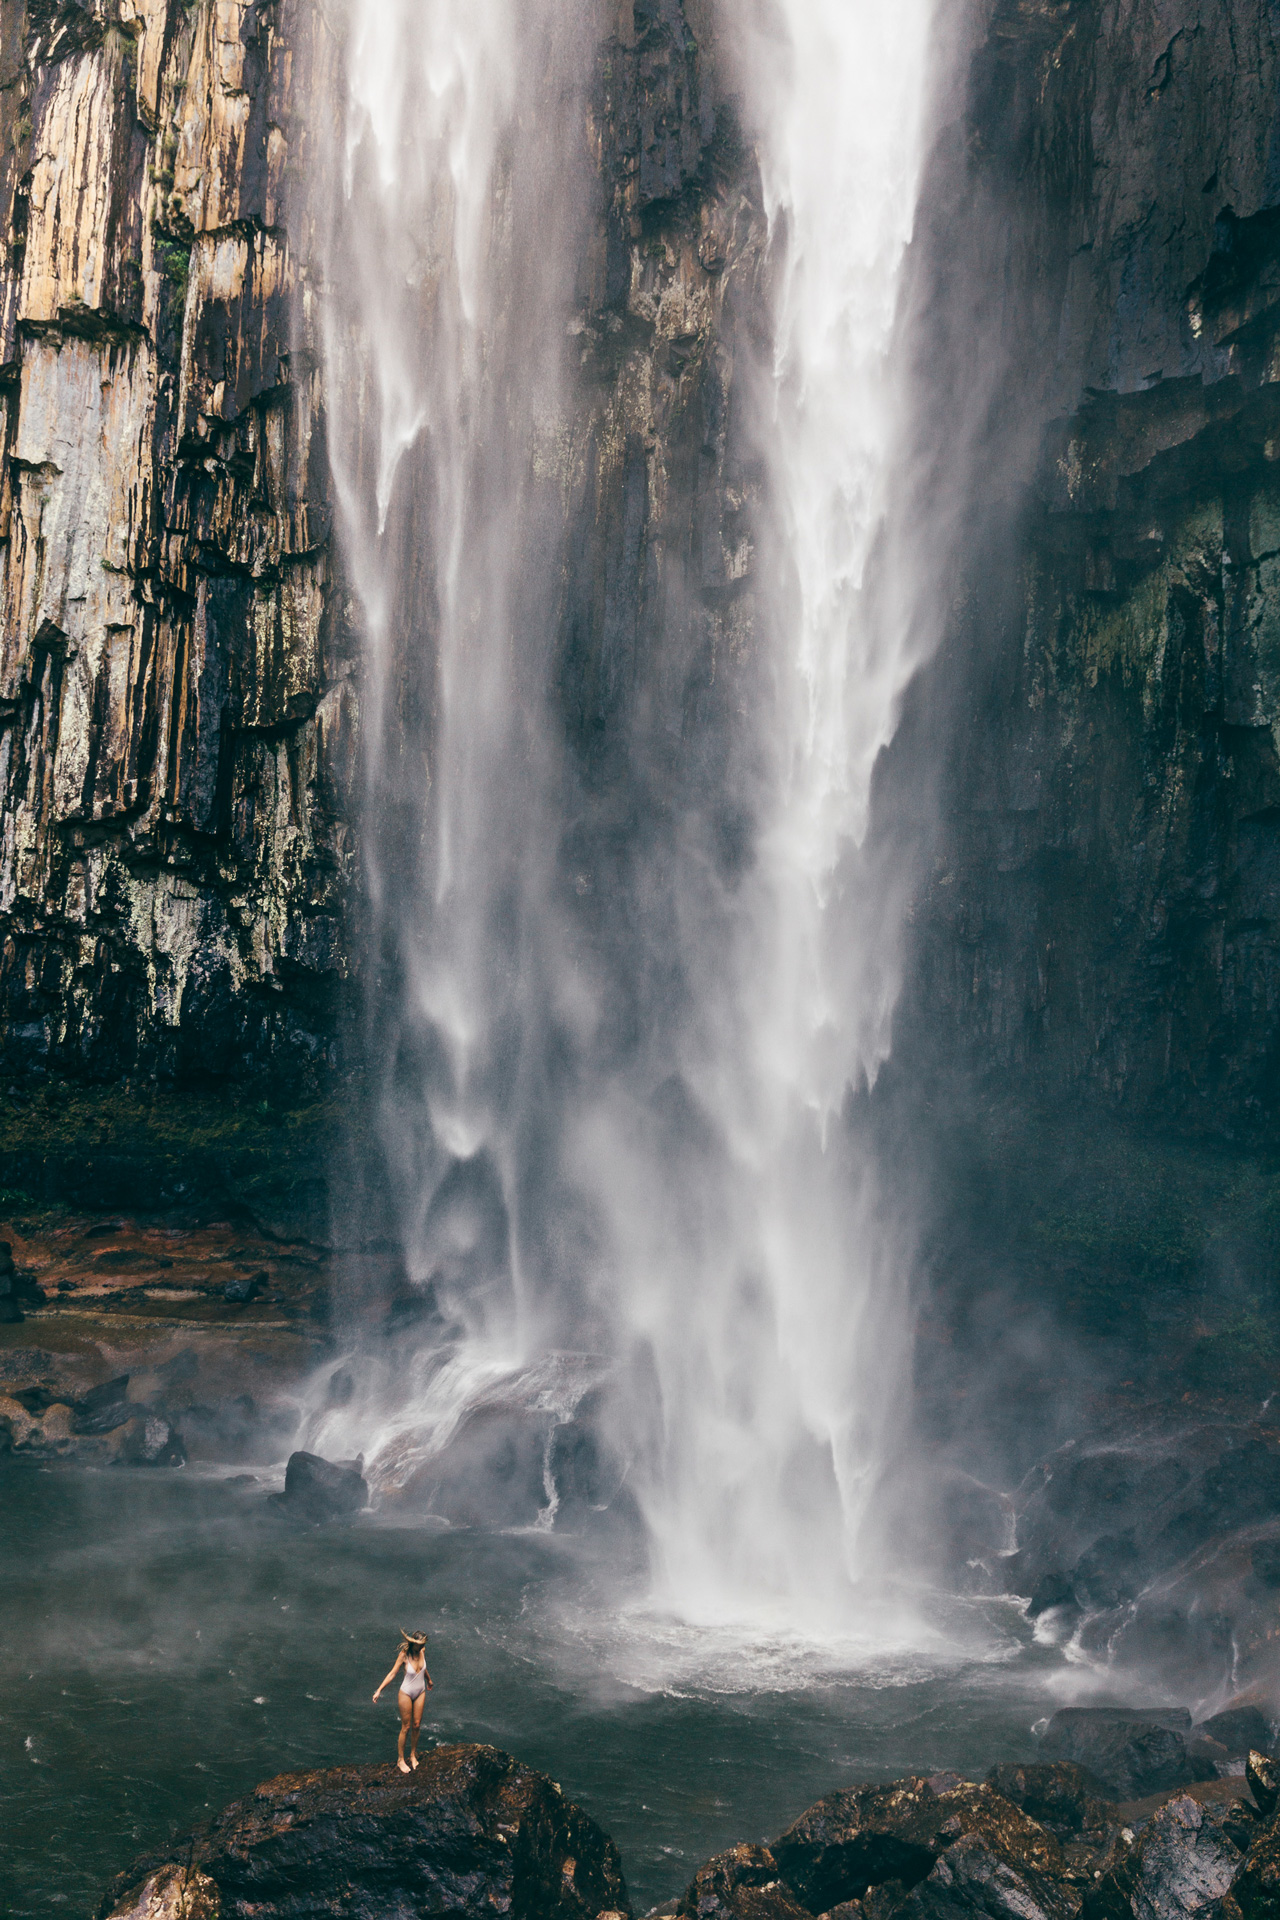 Melissa-Findley-Photographer-Portfolio-WATER-01.jpg